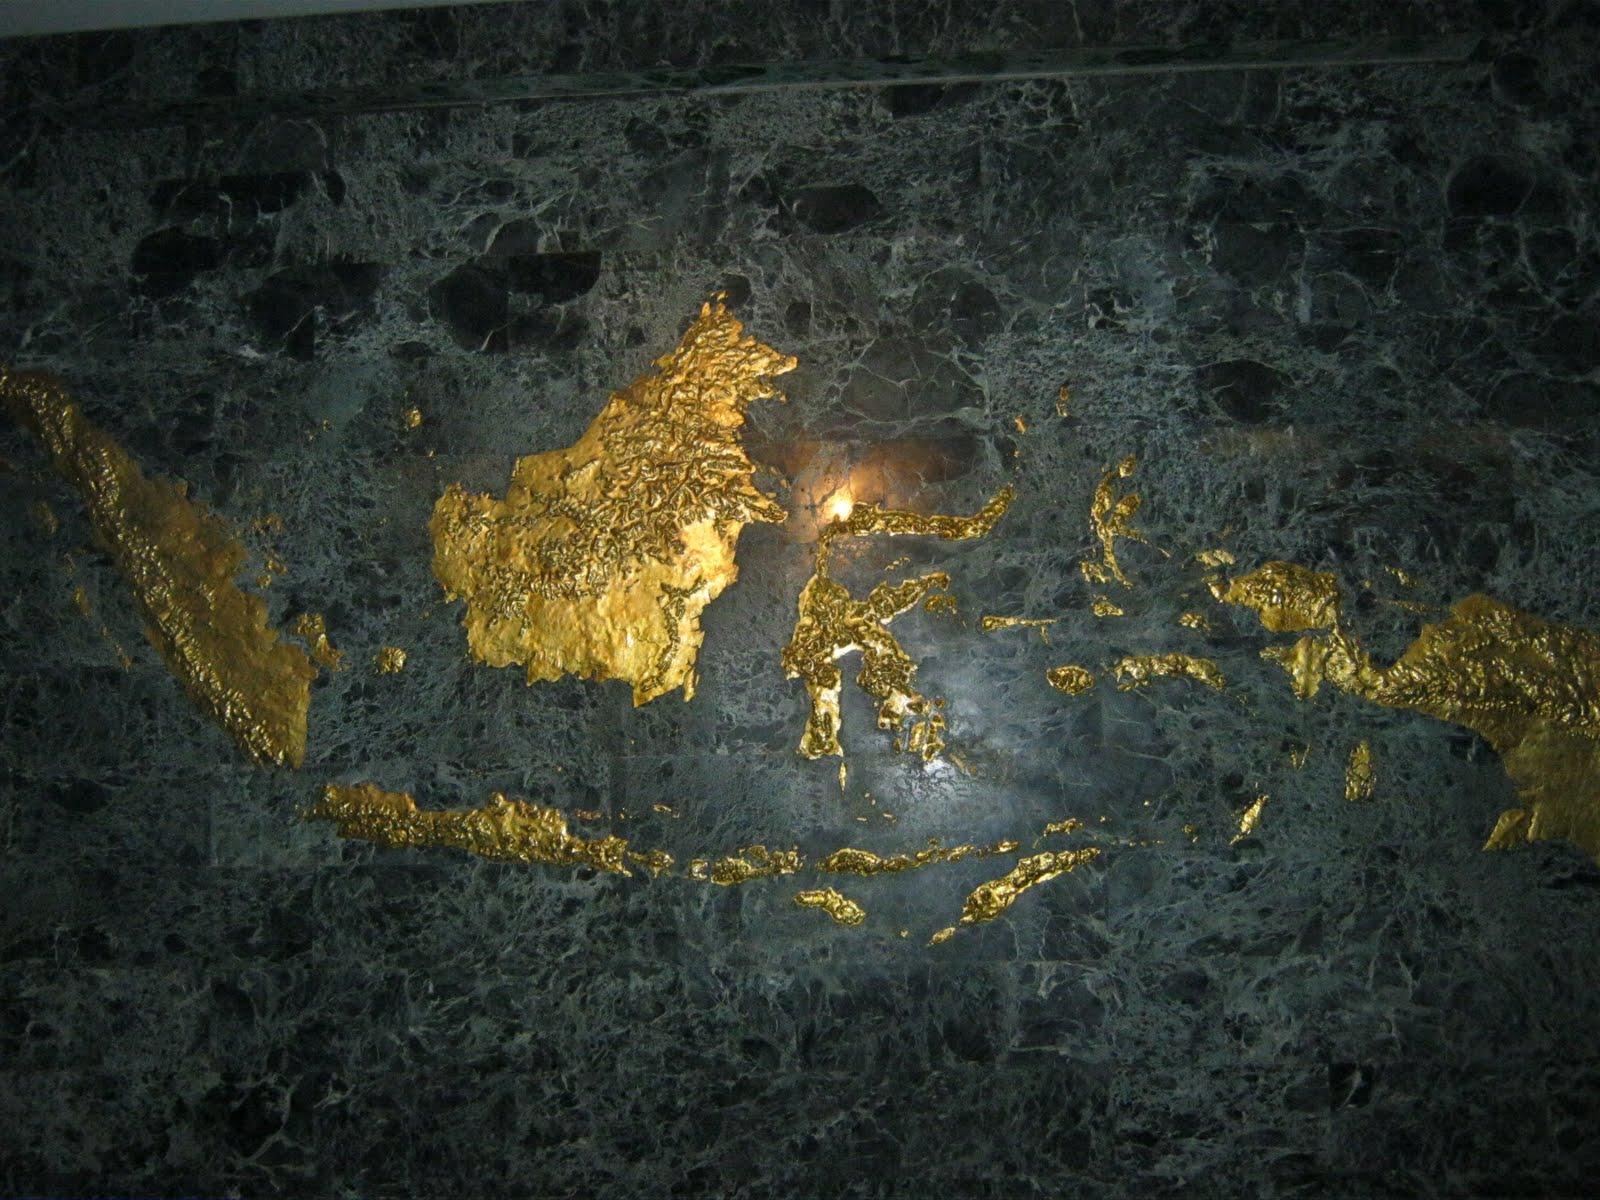 Marita Im: Peta Indonesia